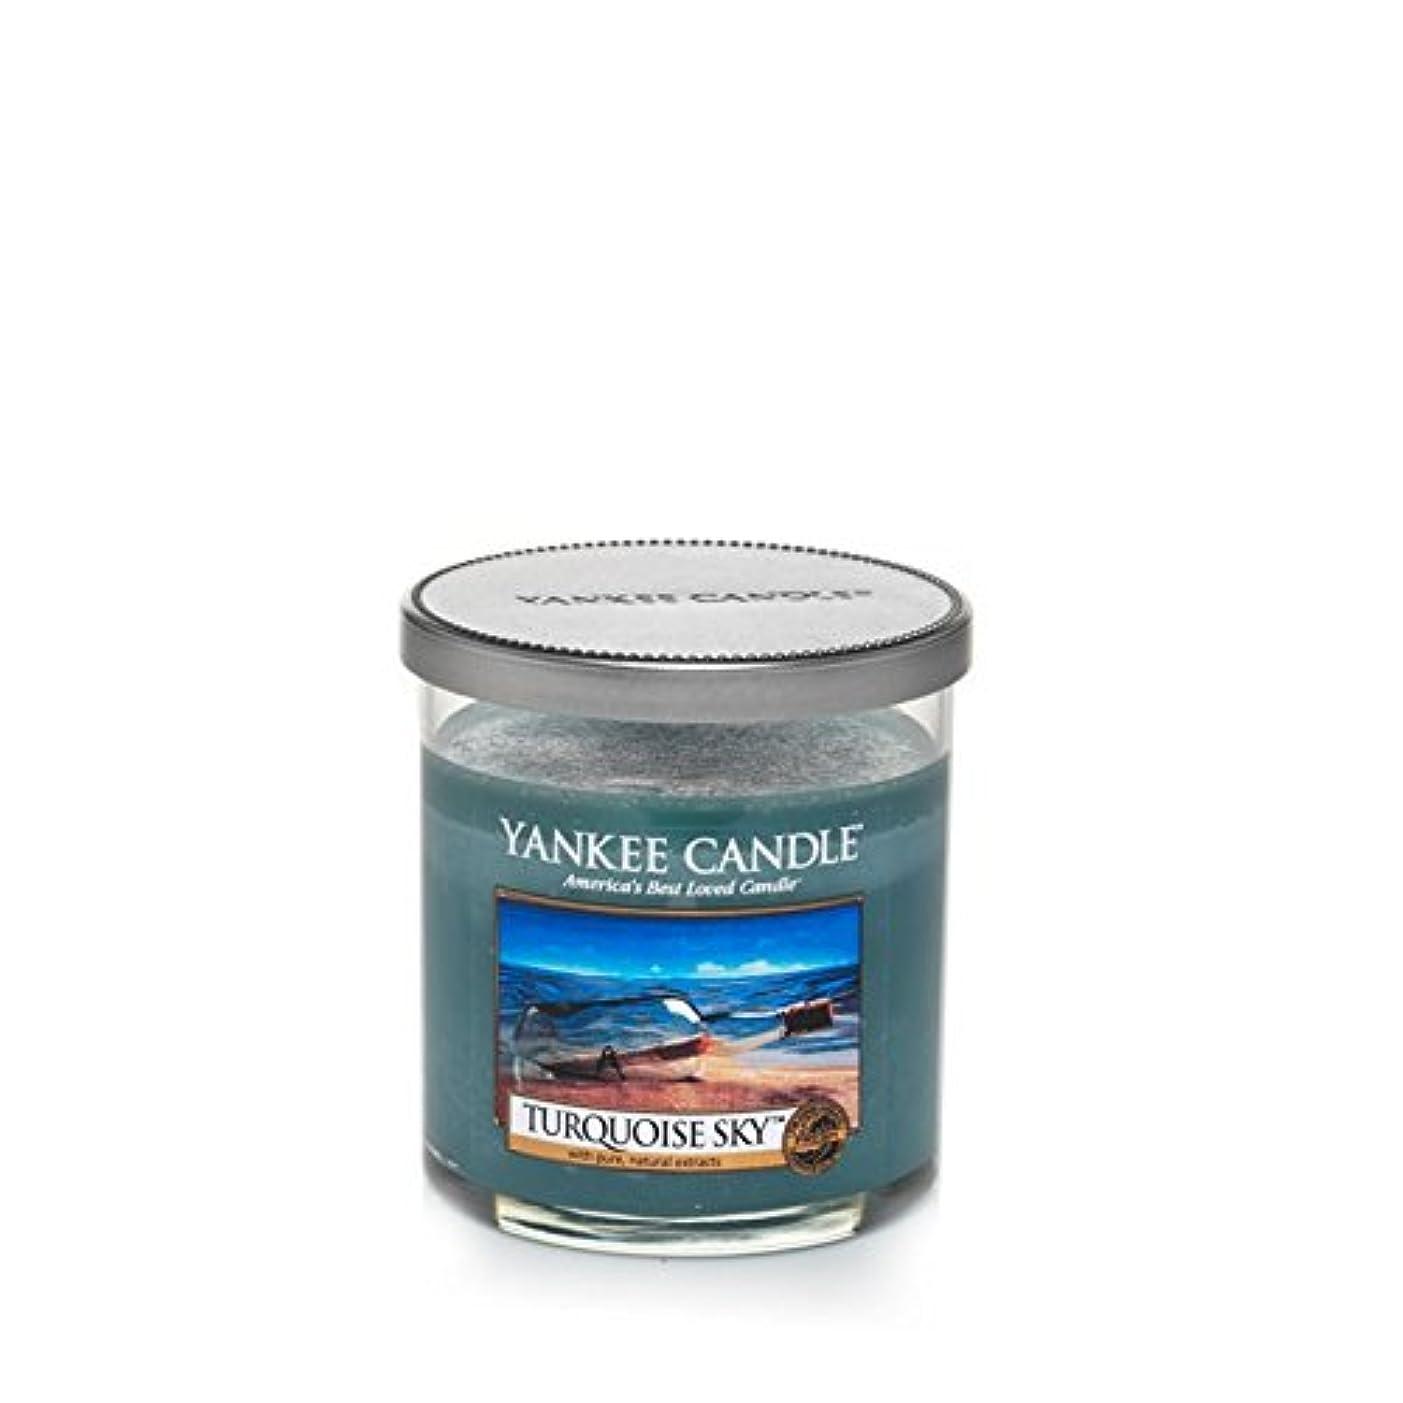 追加する調停する調停するYankee Candles Small Pillar Candle - Turquoise Sky (Pack of 6) - ヤンキーキャンドルの小さな柱キャンドル - ターコイズの空 (x6) [並行輸入品]